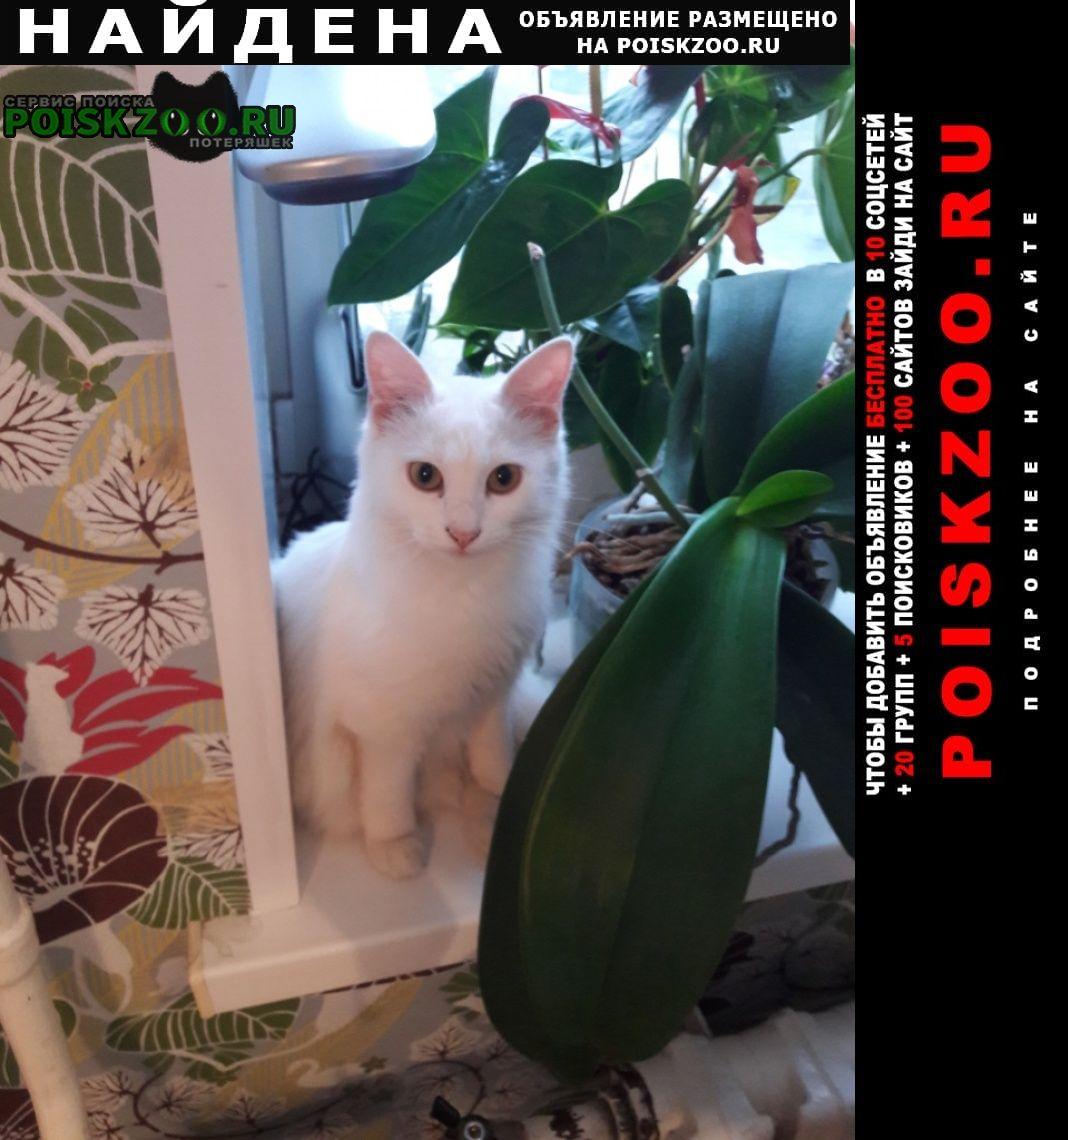 Найдена кошка ул. чугунова.. Раменское